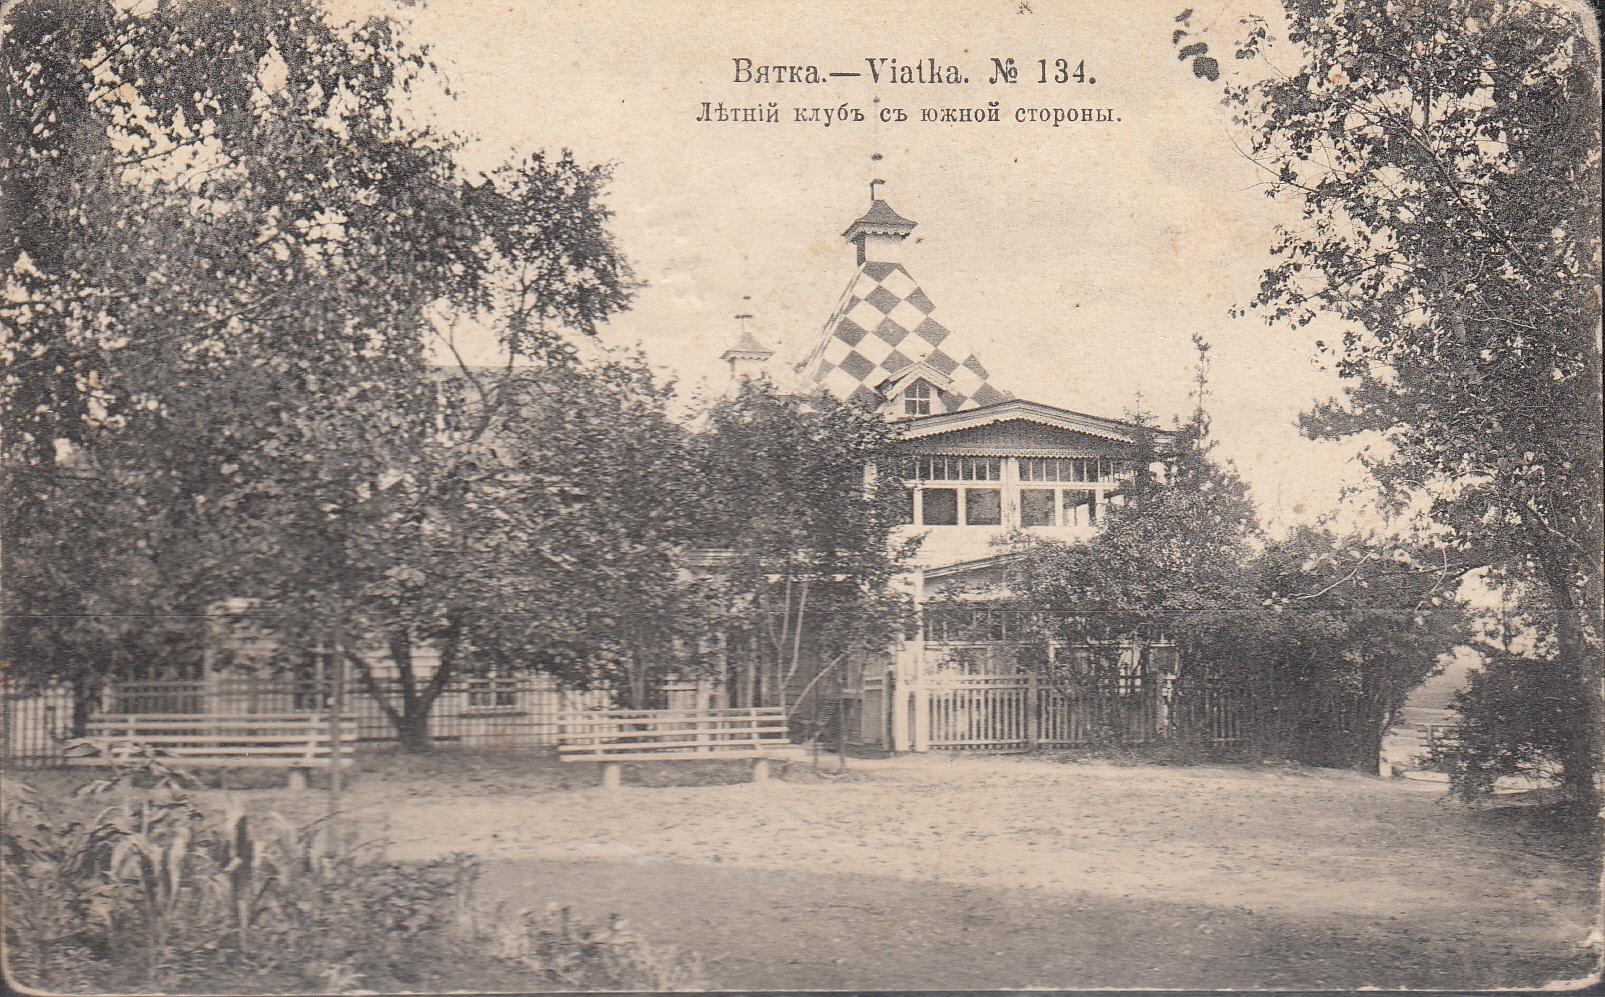 Александровский сад. Летний клуб с южной стороны